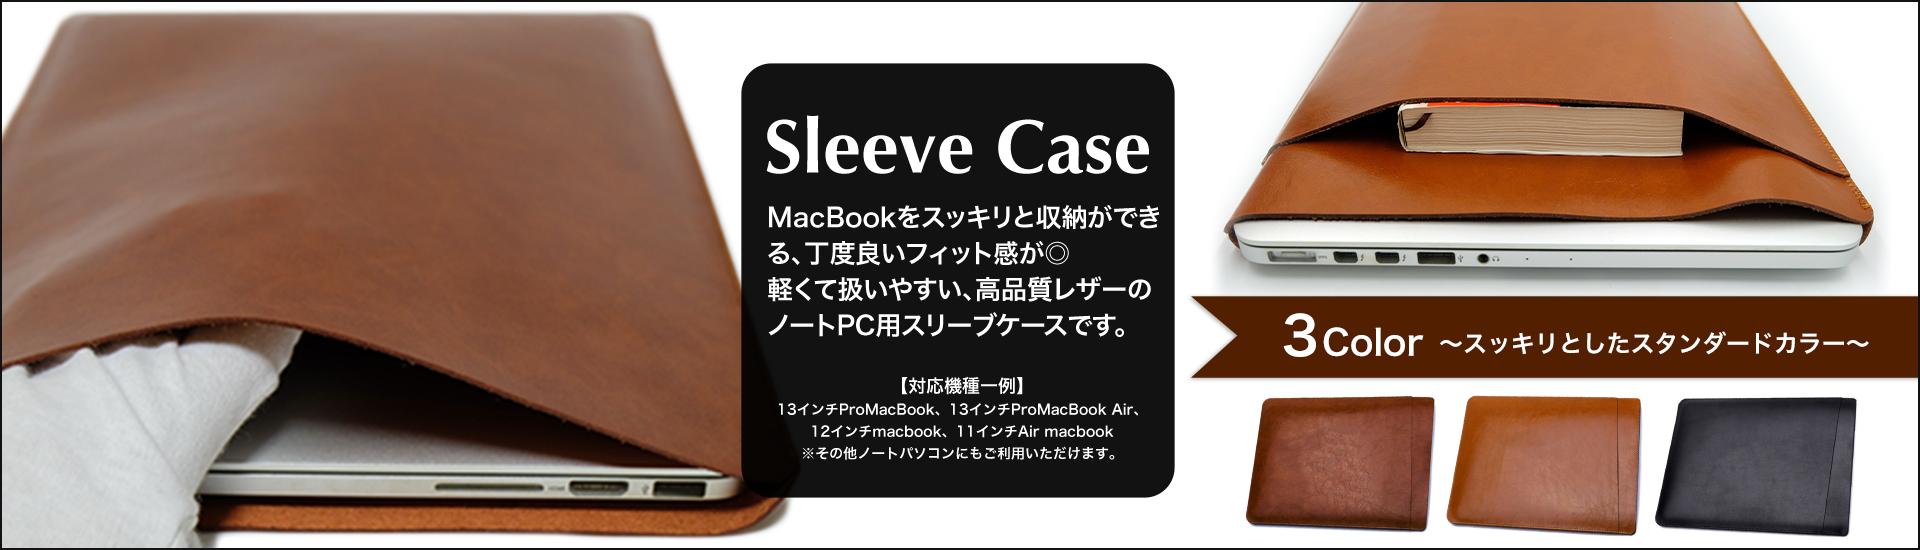 マックブック用レザー製スリーブケース